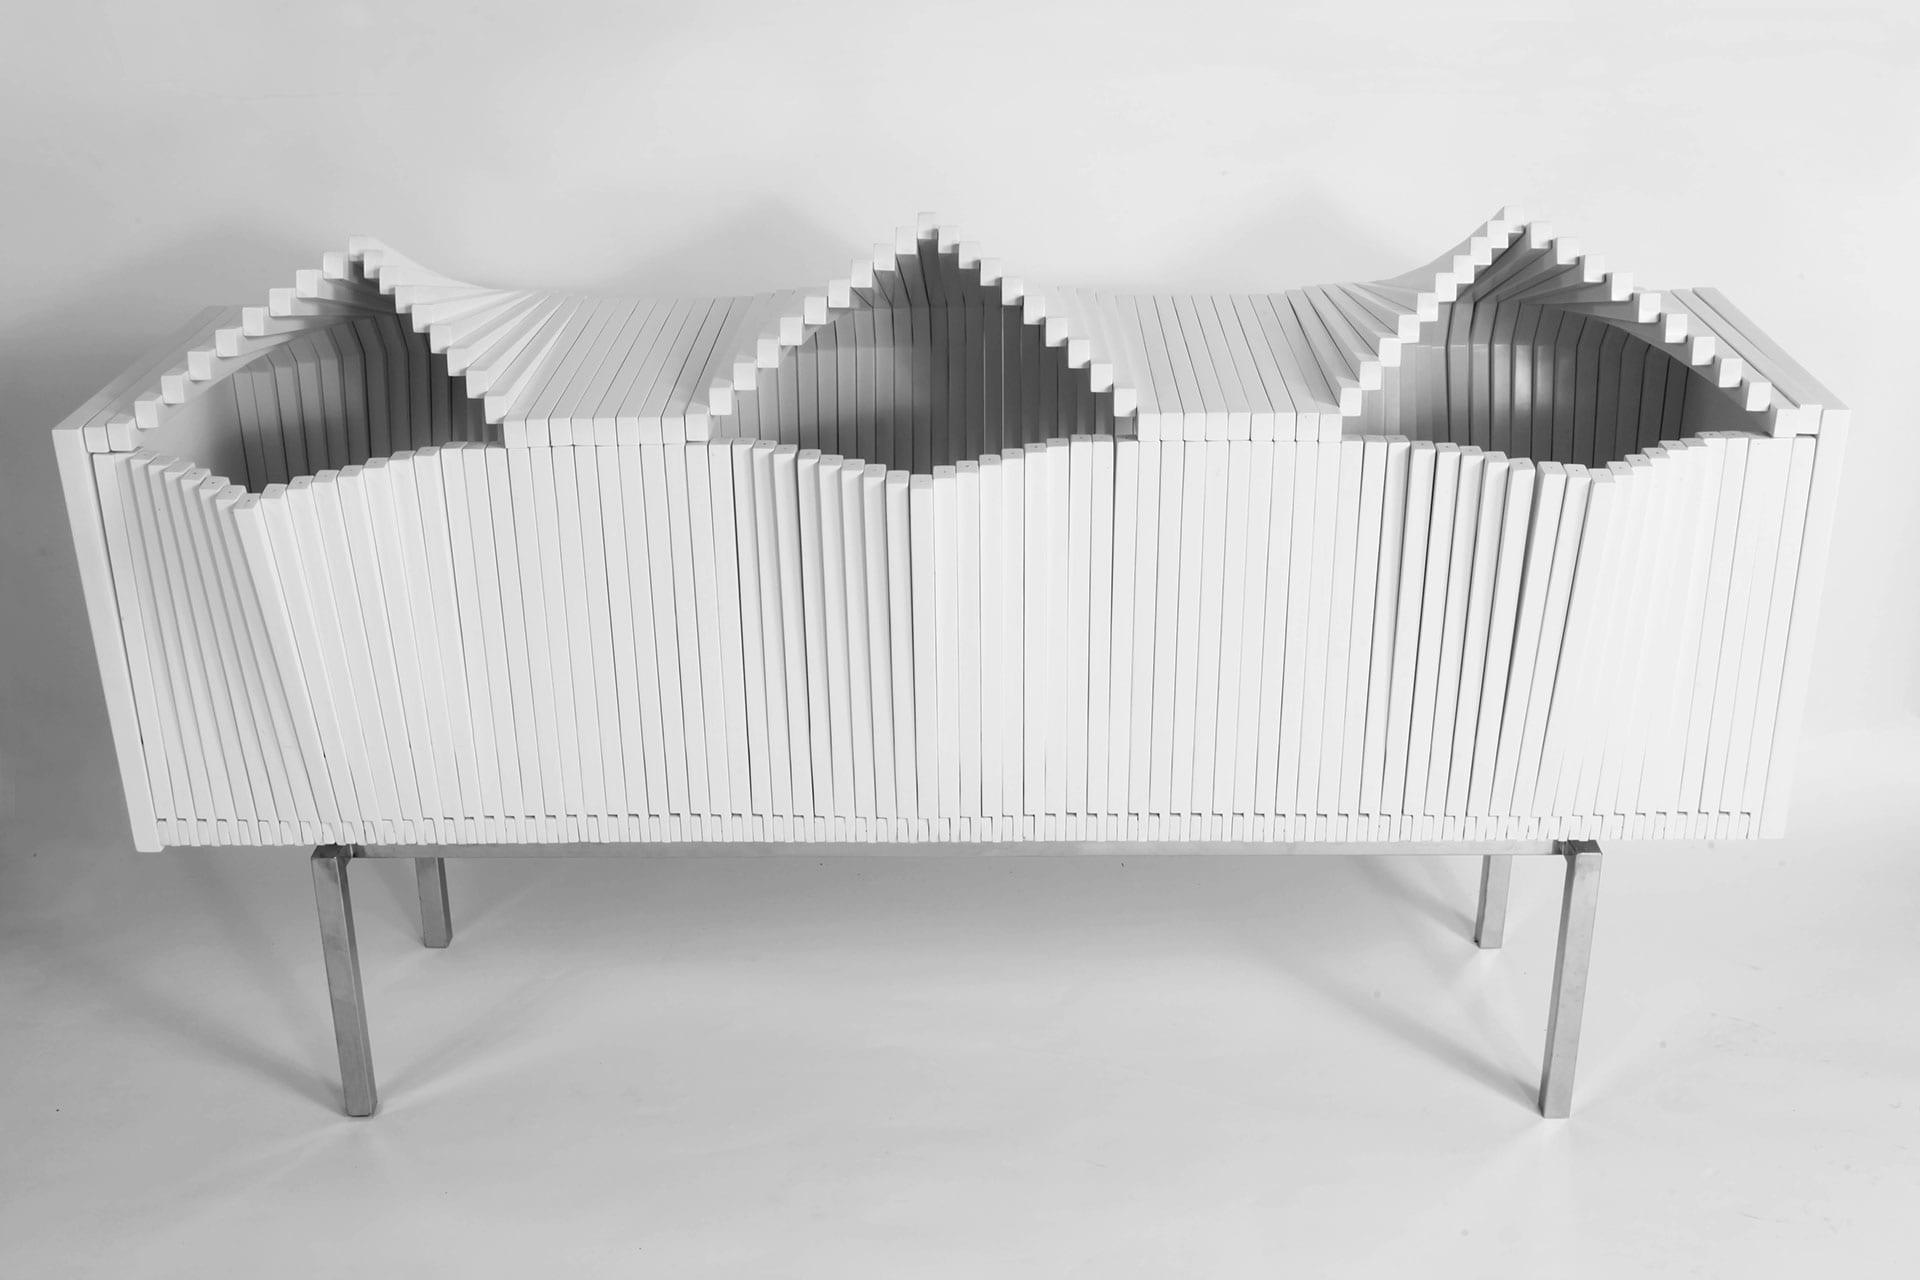 moderne schrankmöbel aus birkenholz in weiß für minimalistische wohnzimmer